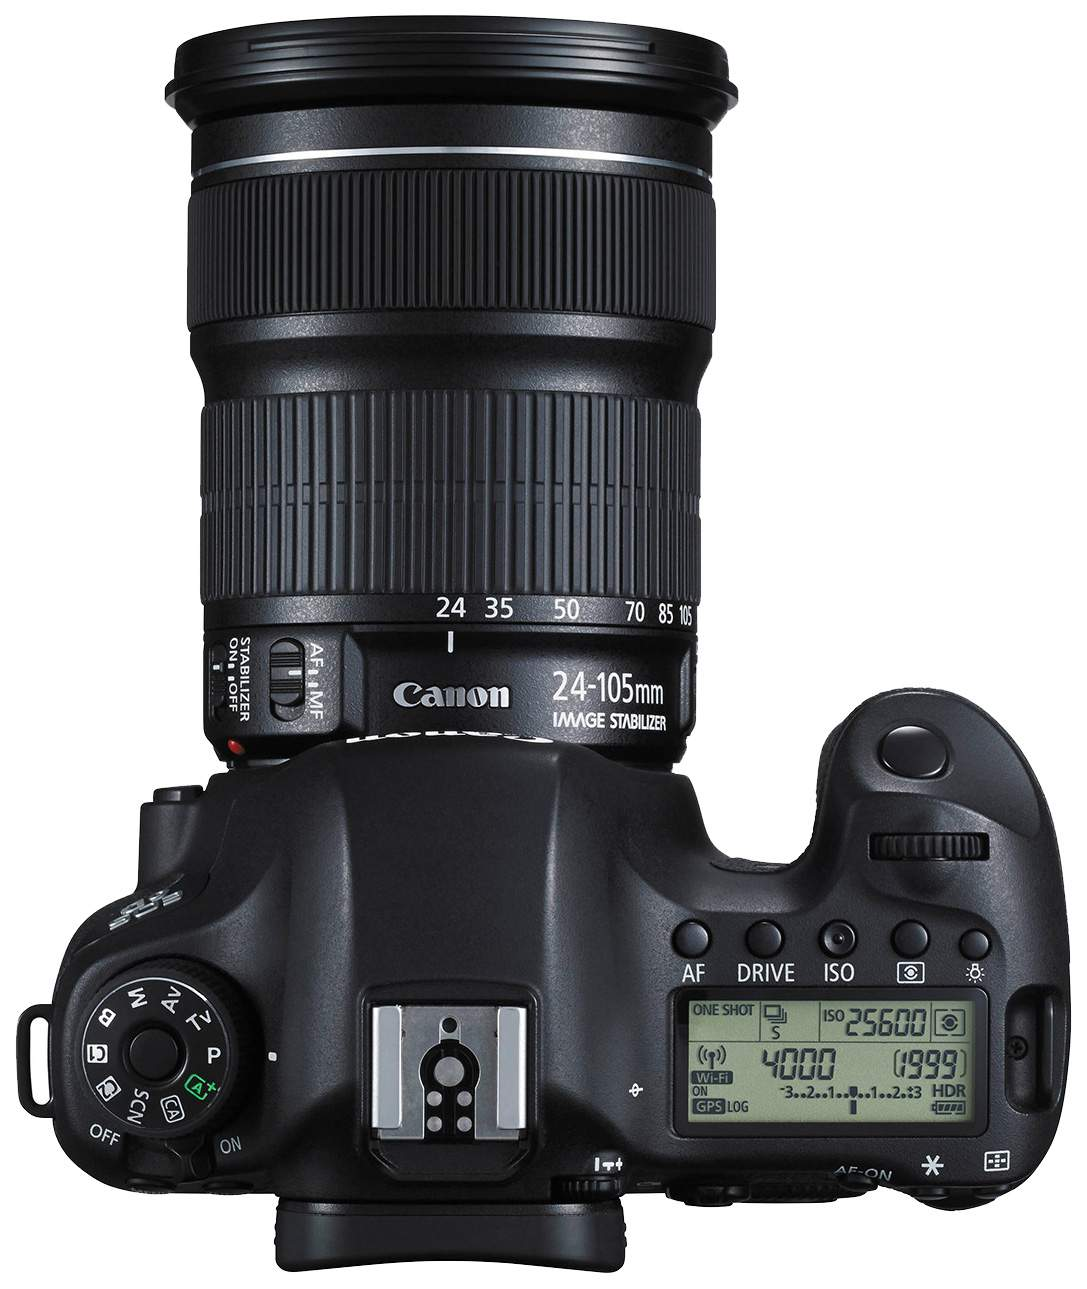 Фотоаппарат полупрофессиональный кэнон первого